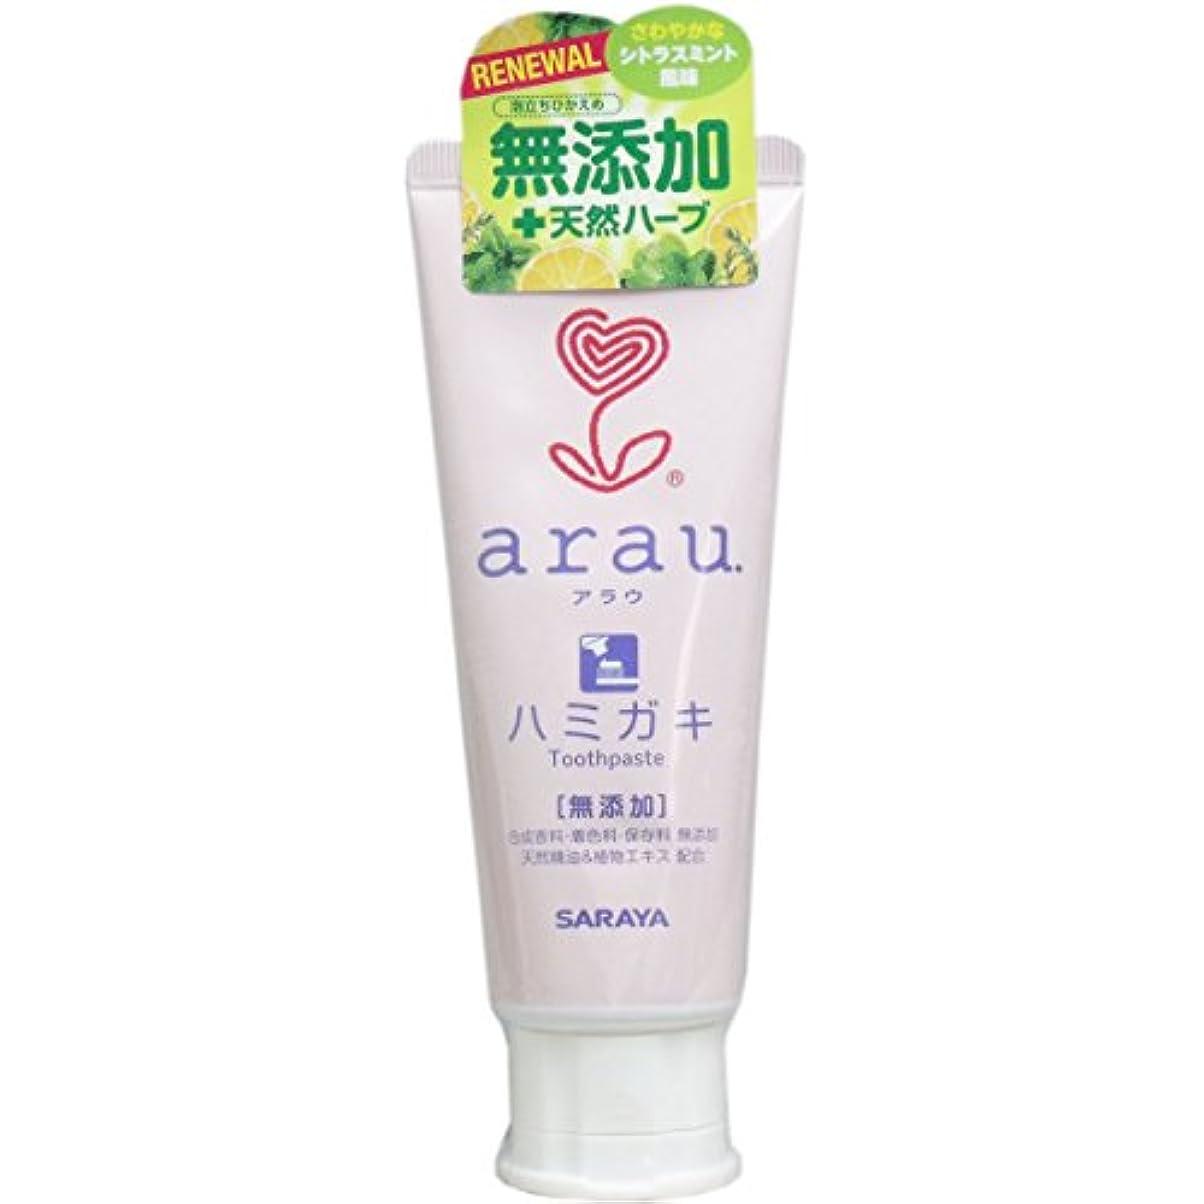 【お徳用 10 セット】 arau.(アラウ) せっけんハミガキ 120g×10セット